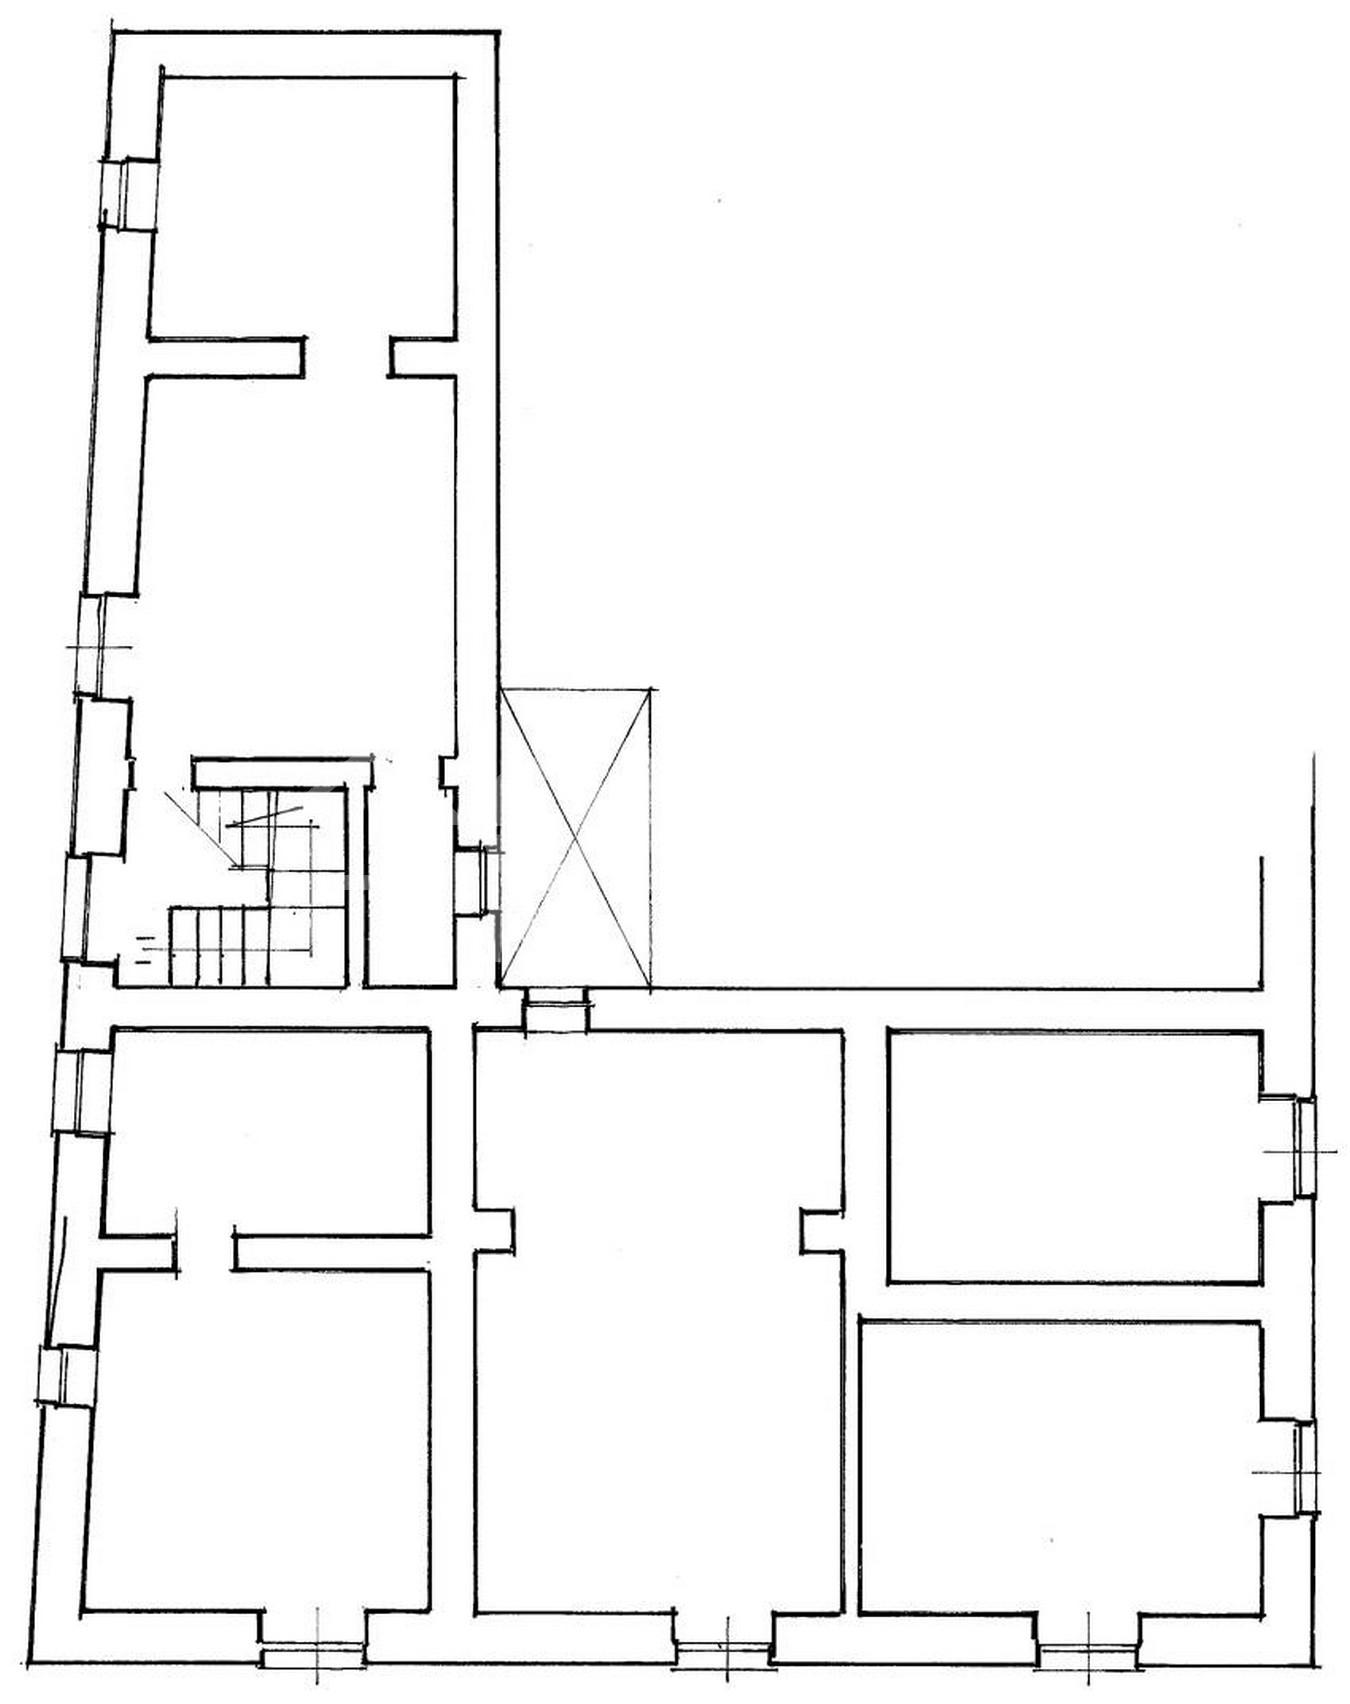 Elegante palazzetto Liberty in zona Crocifisso 25